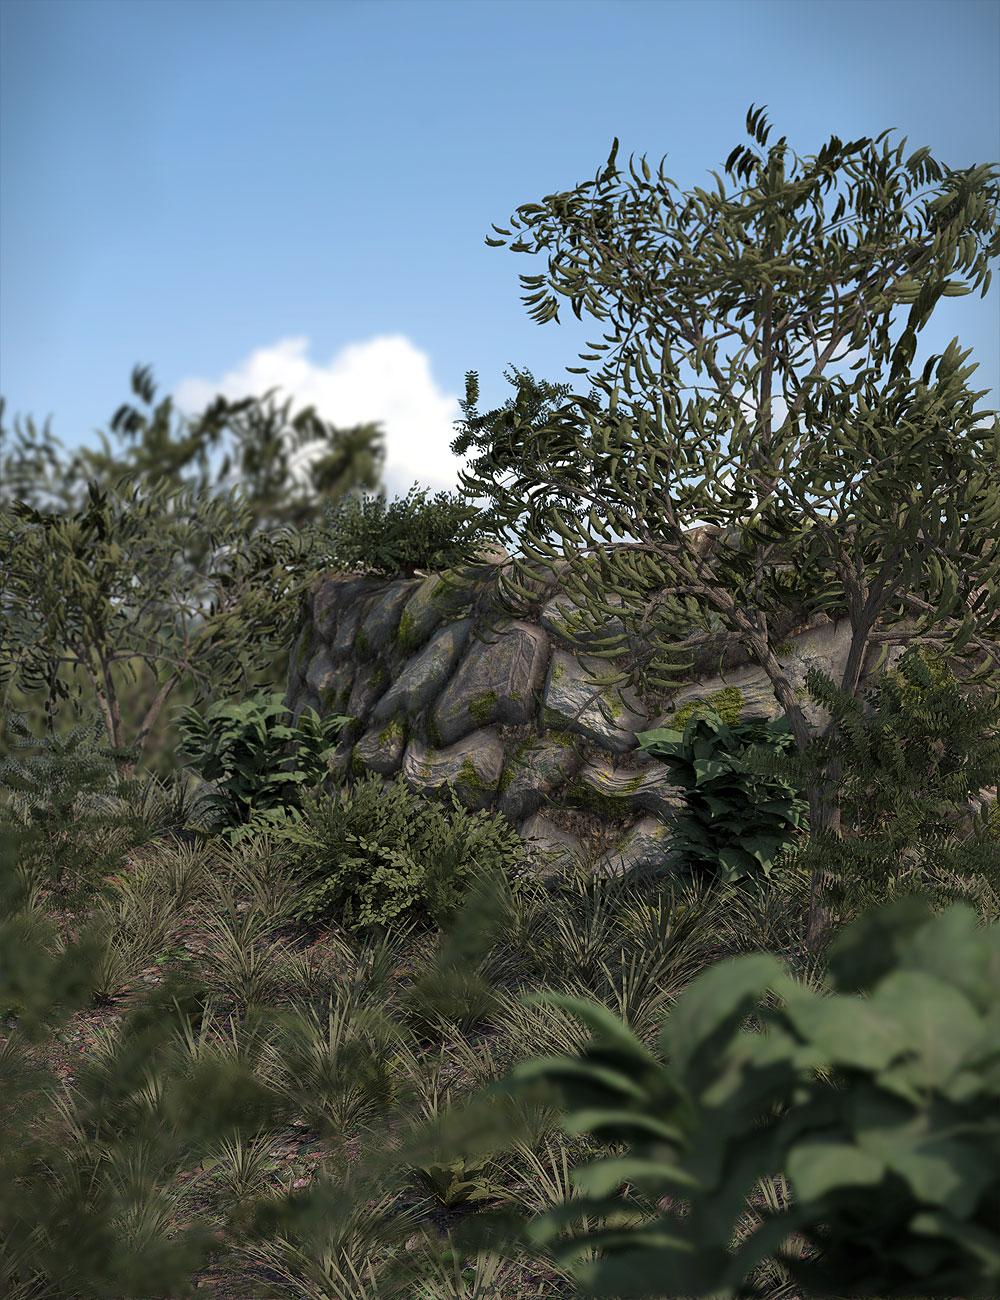 Orestes Plants Vol. 1 by: Orestes Graphics, 3D Models by Daz 3D